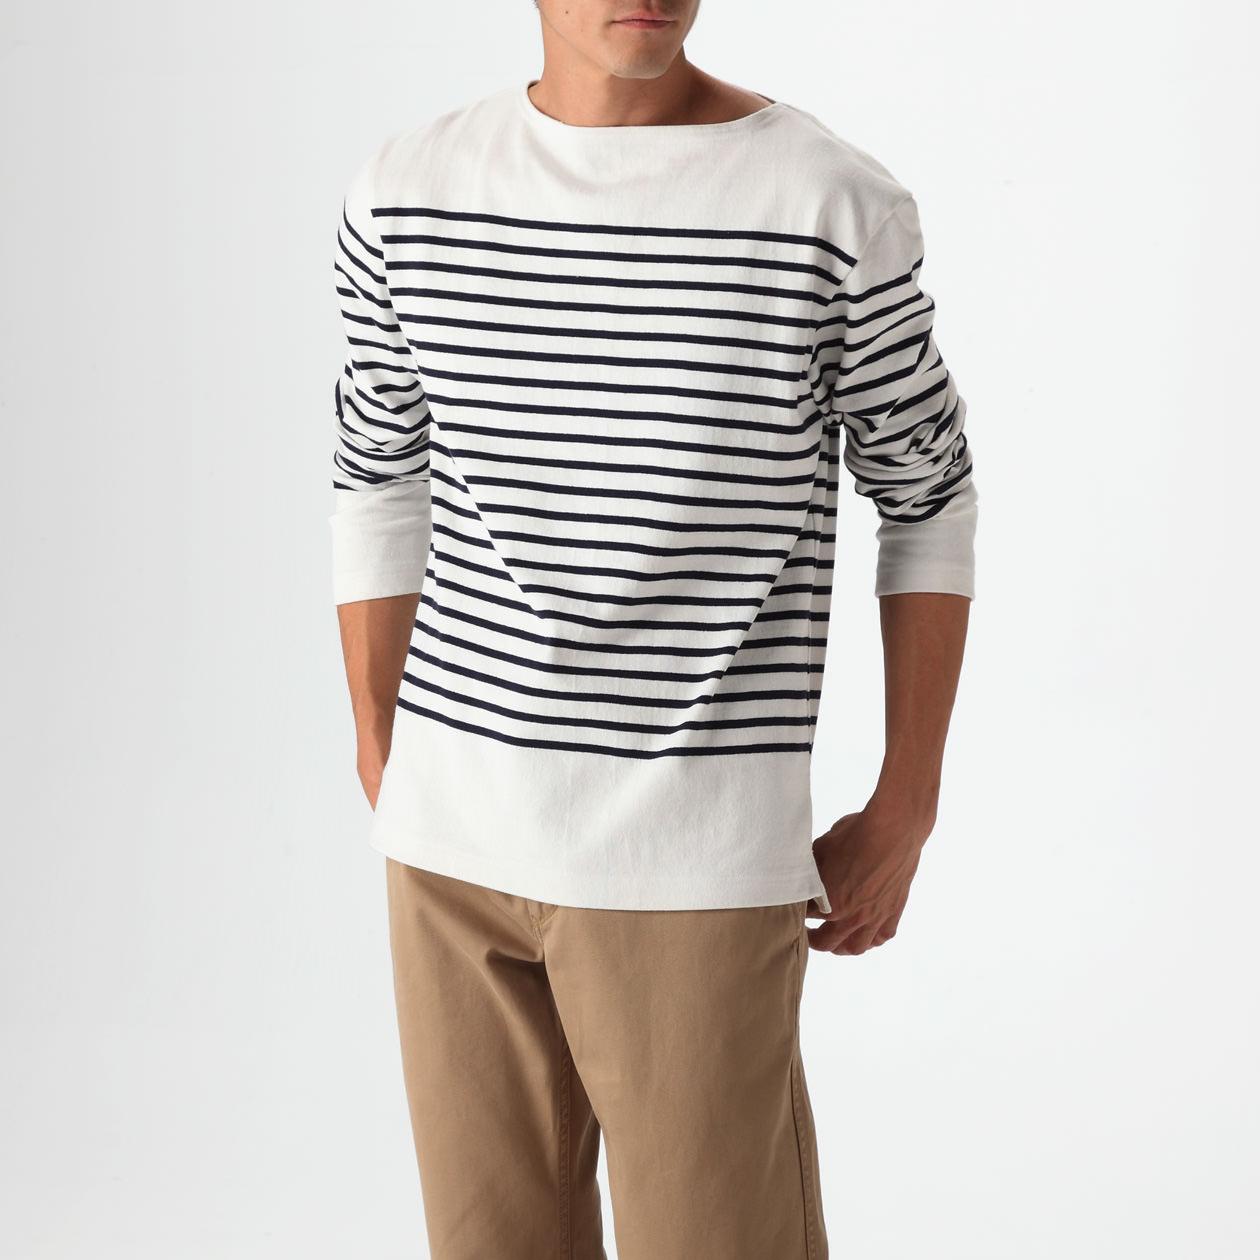 オーガニックコットン太番手パネルボーダー長袖Tシャツ